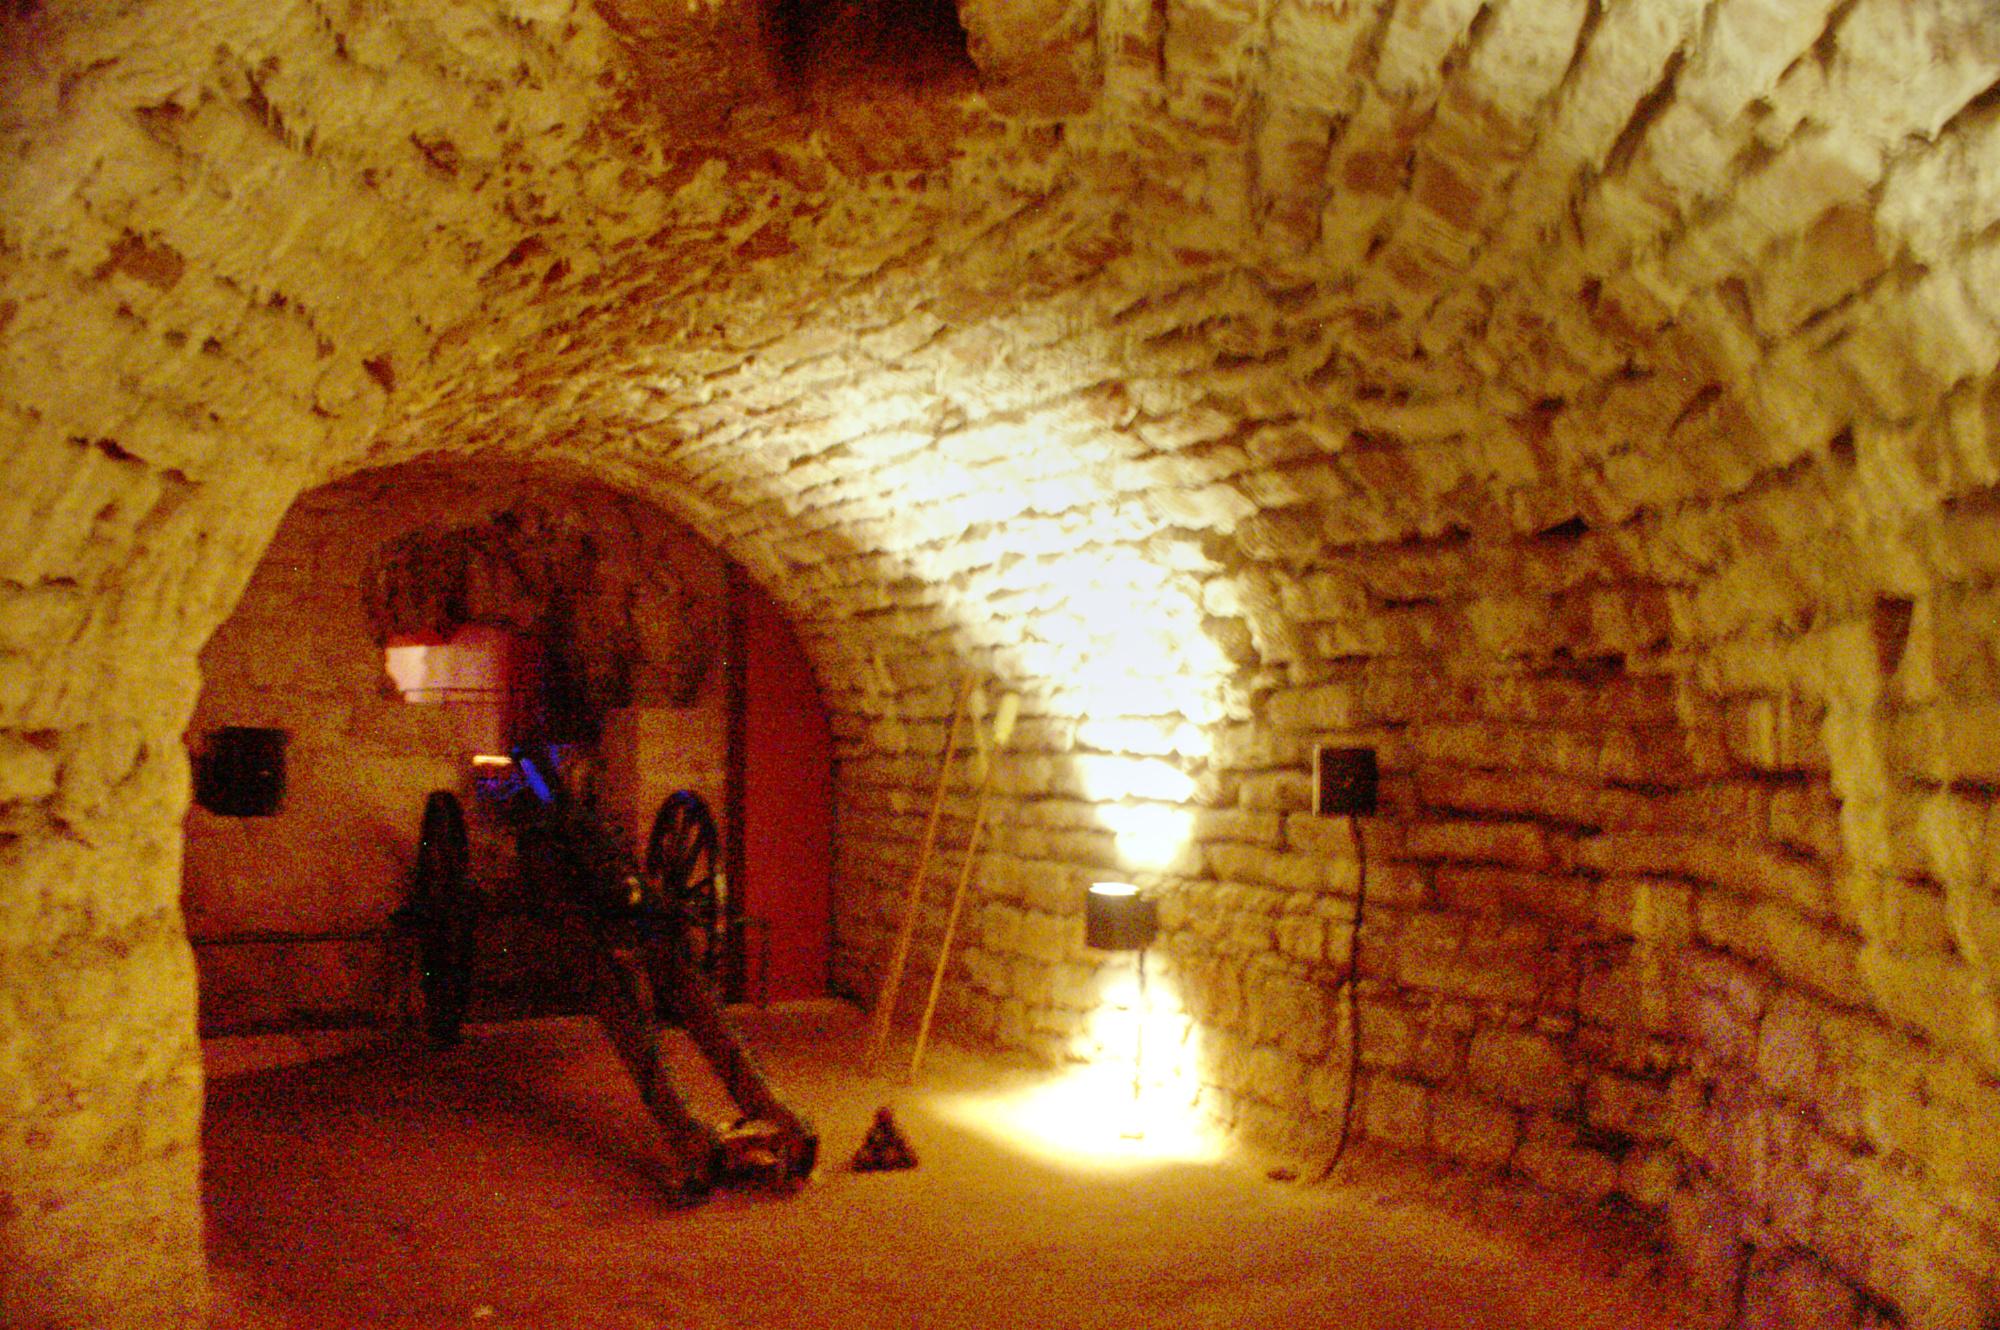 Saarbrücken historical museum - underground